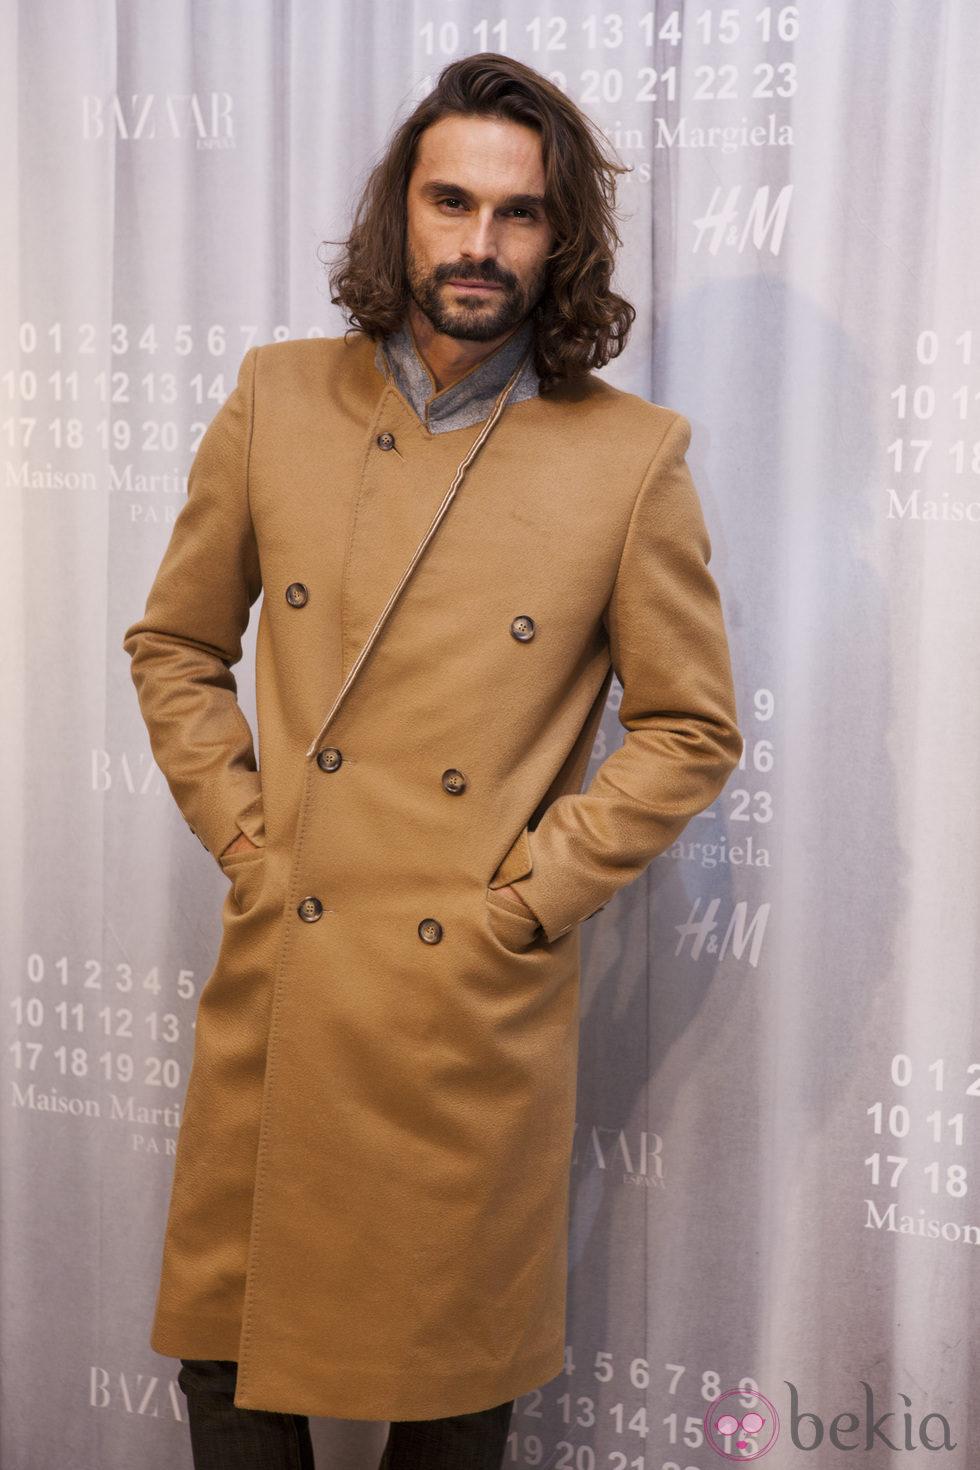 Iván Sánchez en la fiesta de Maison Martin Margiela y H&M